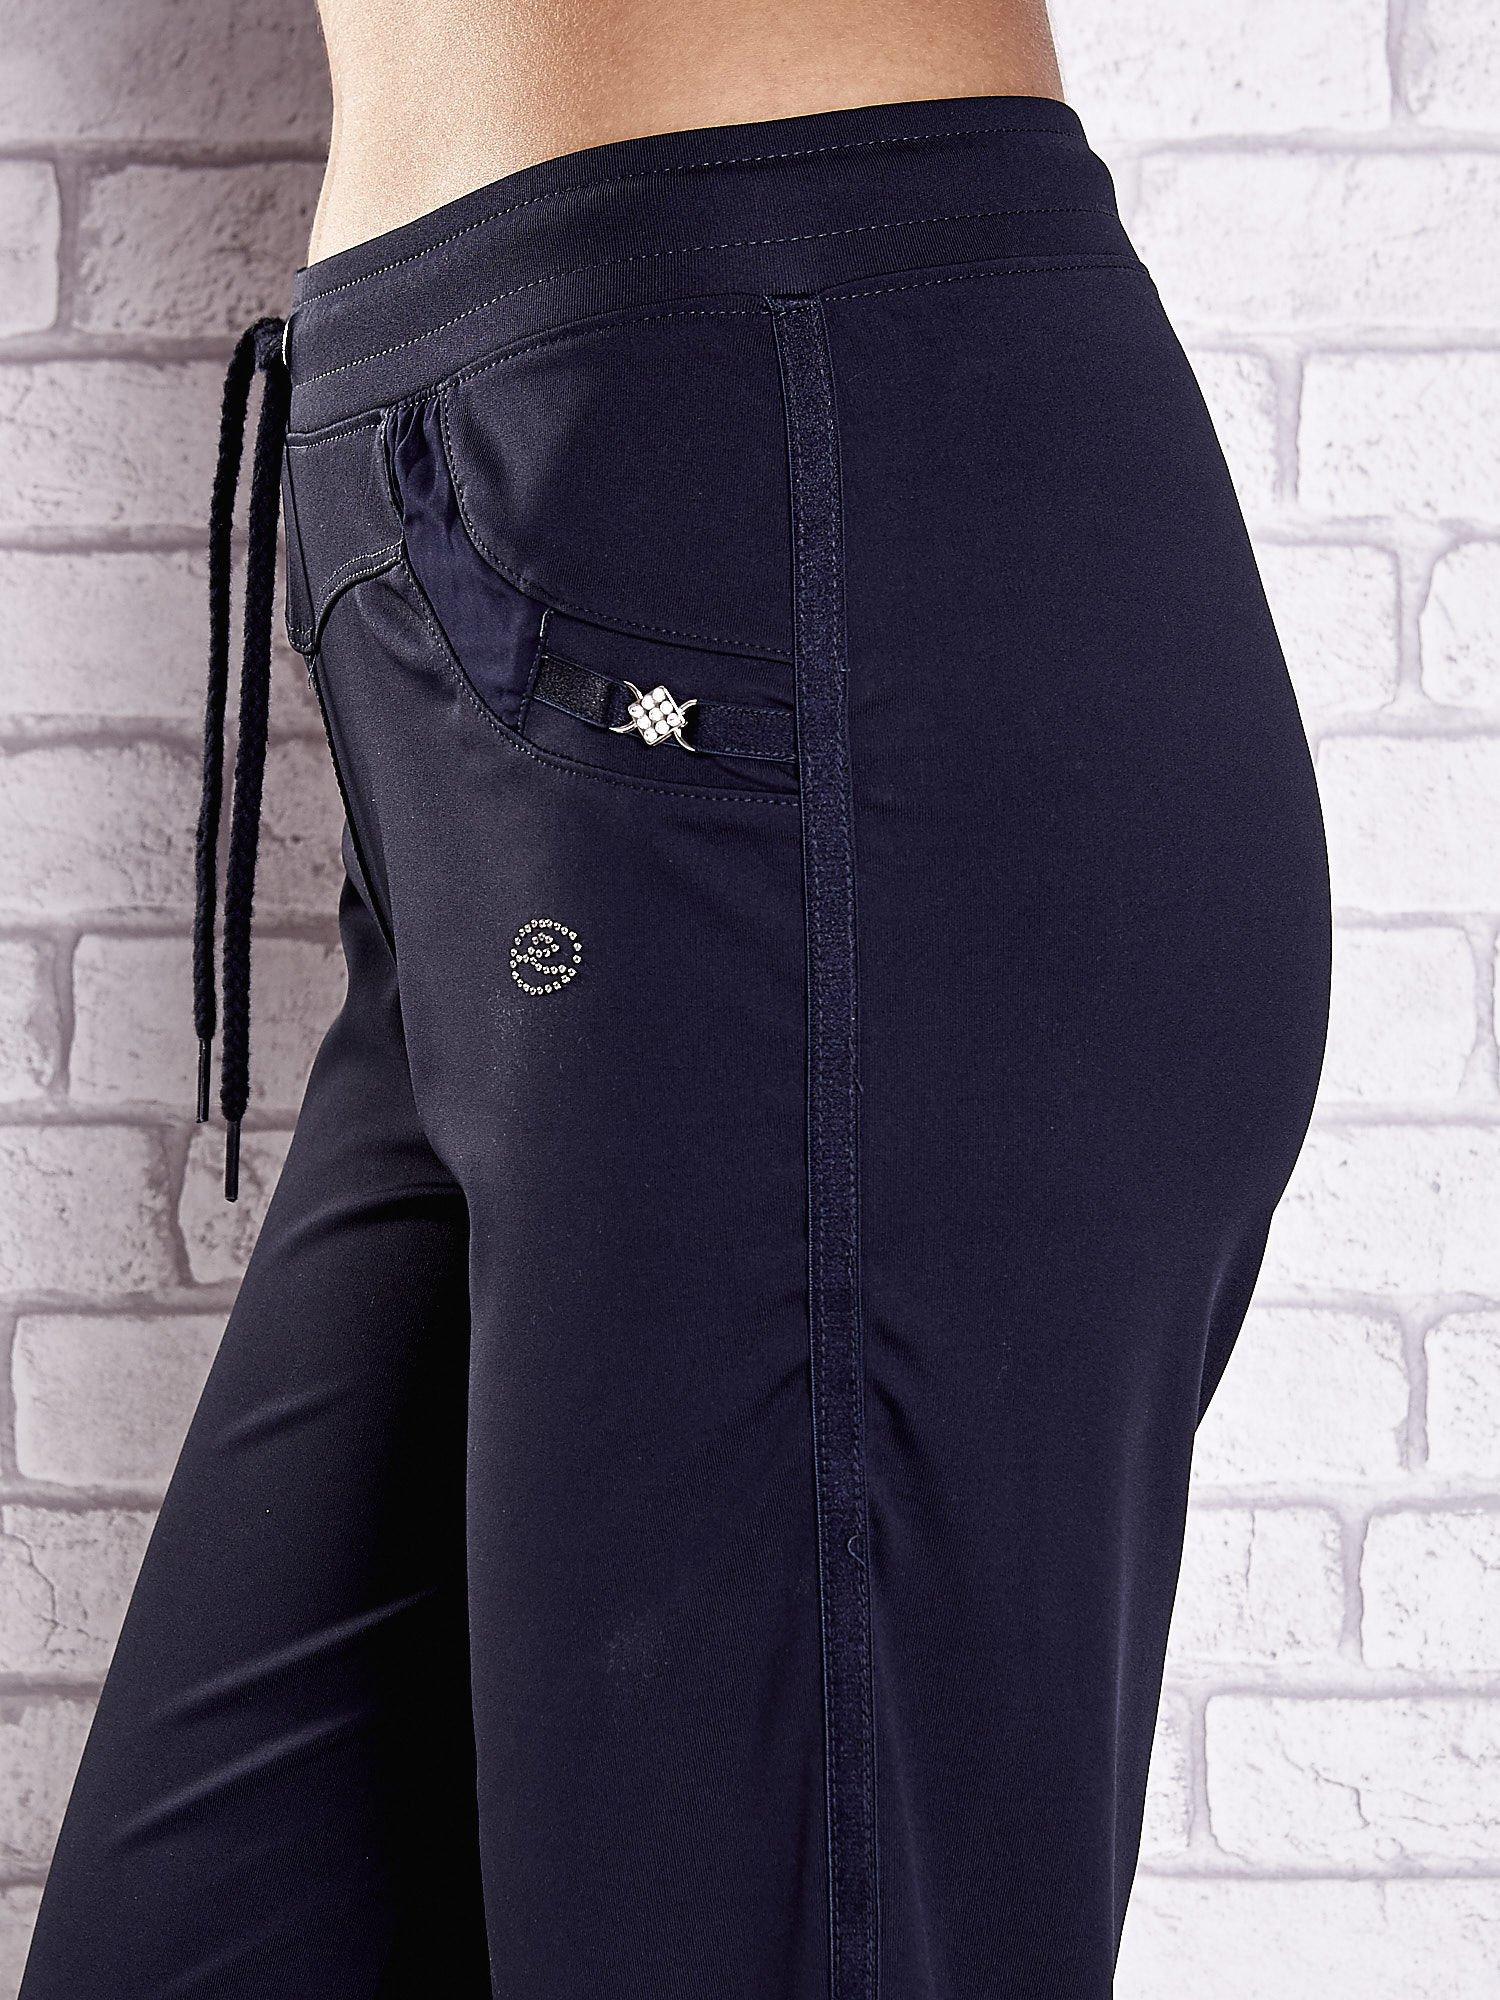 Granatowe spodnie dresowe z aplikacjami z błyszczących dżetów                                  zdj.                                  5